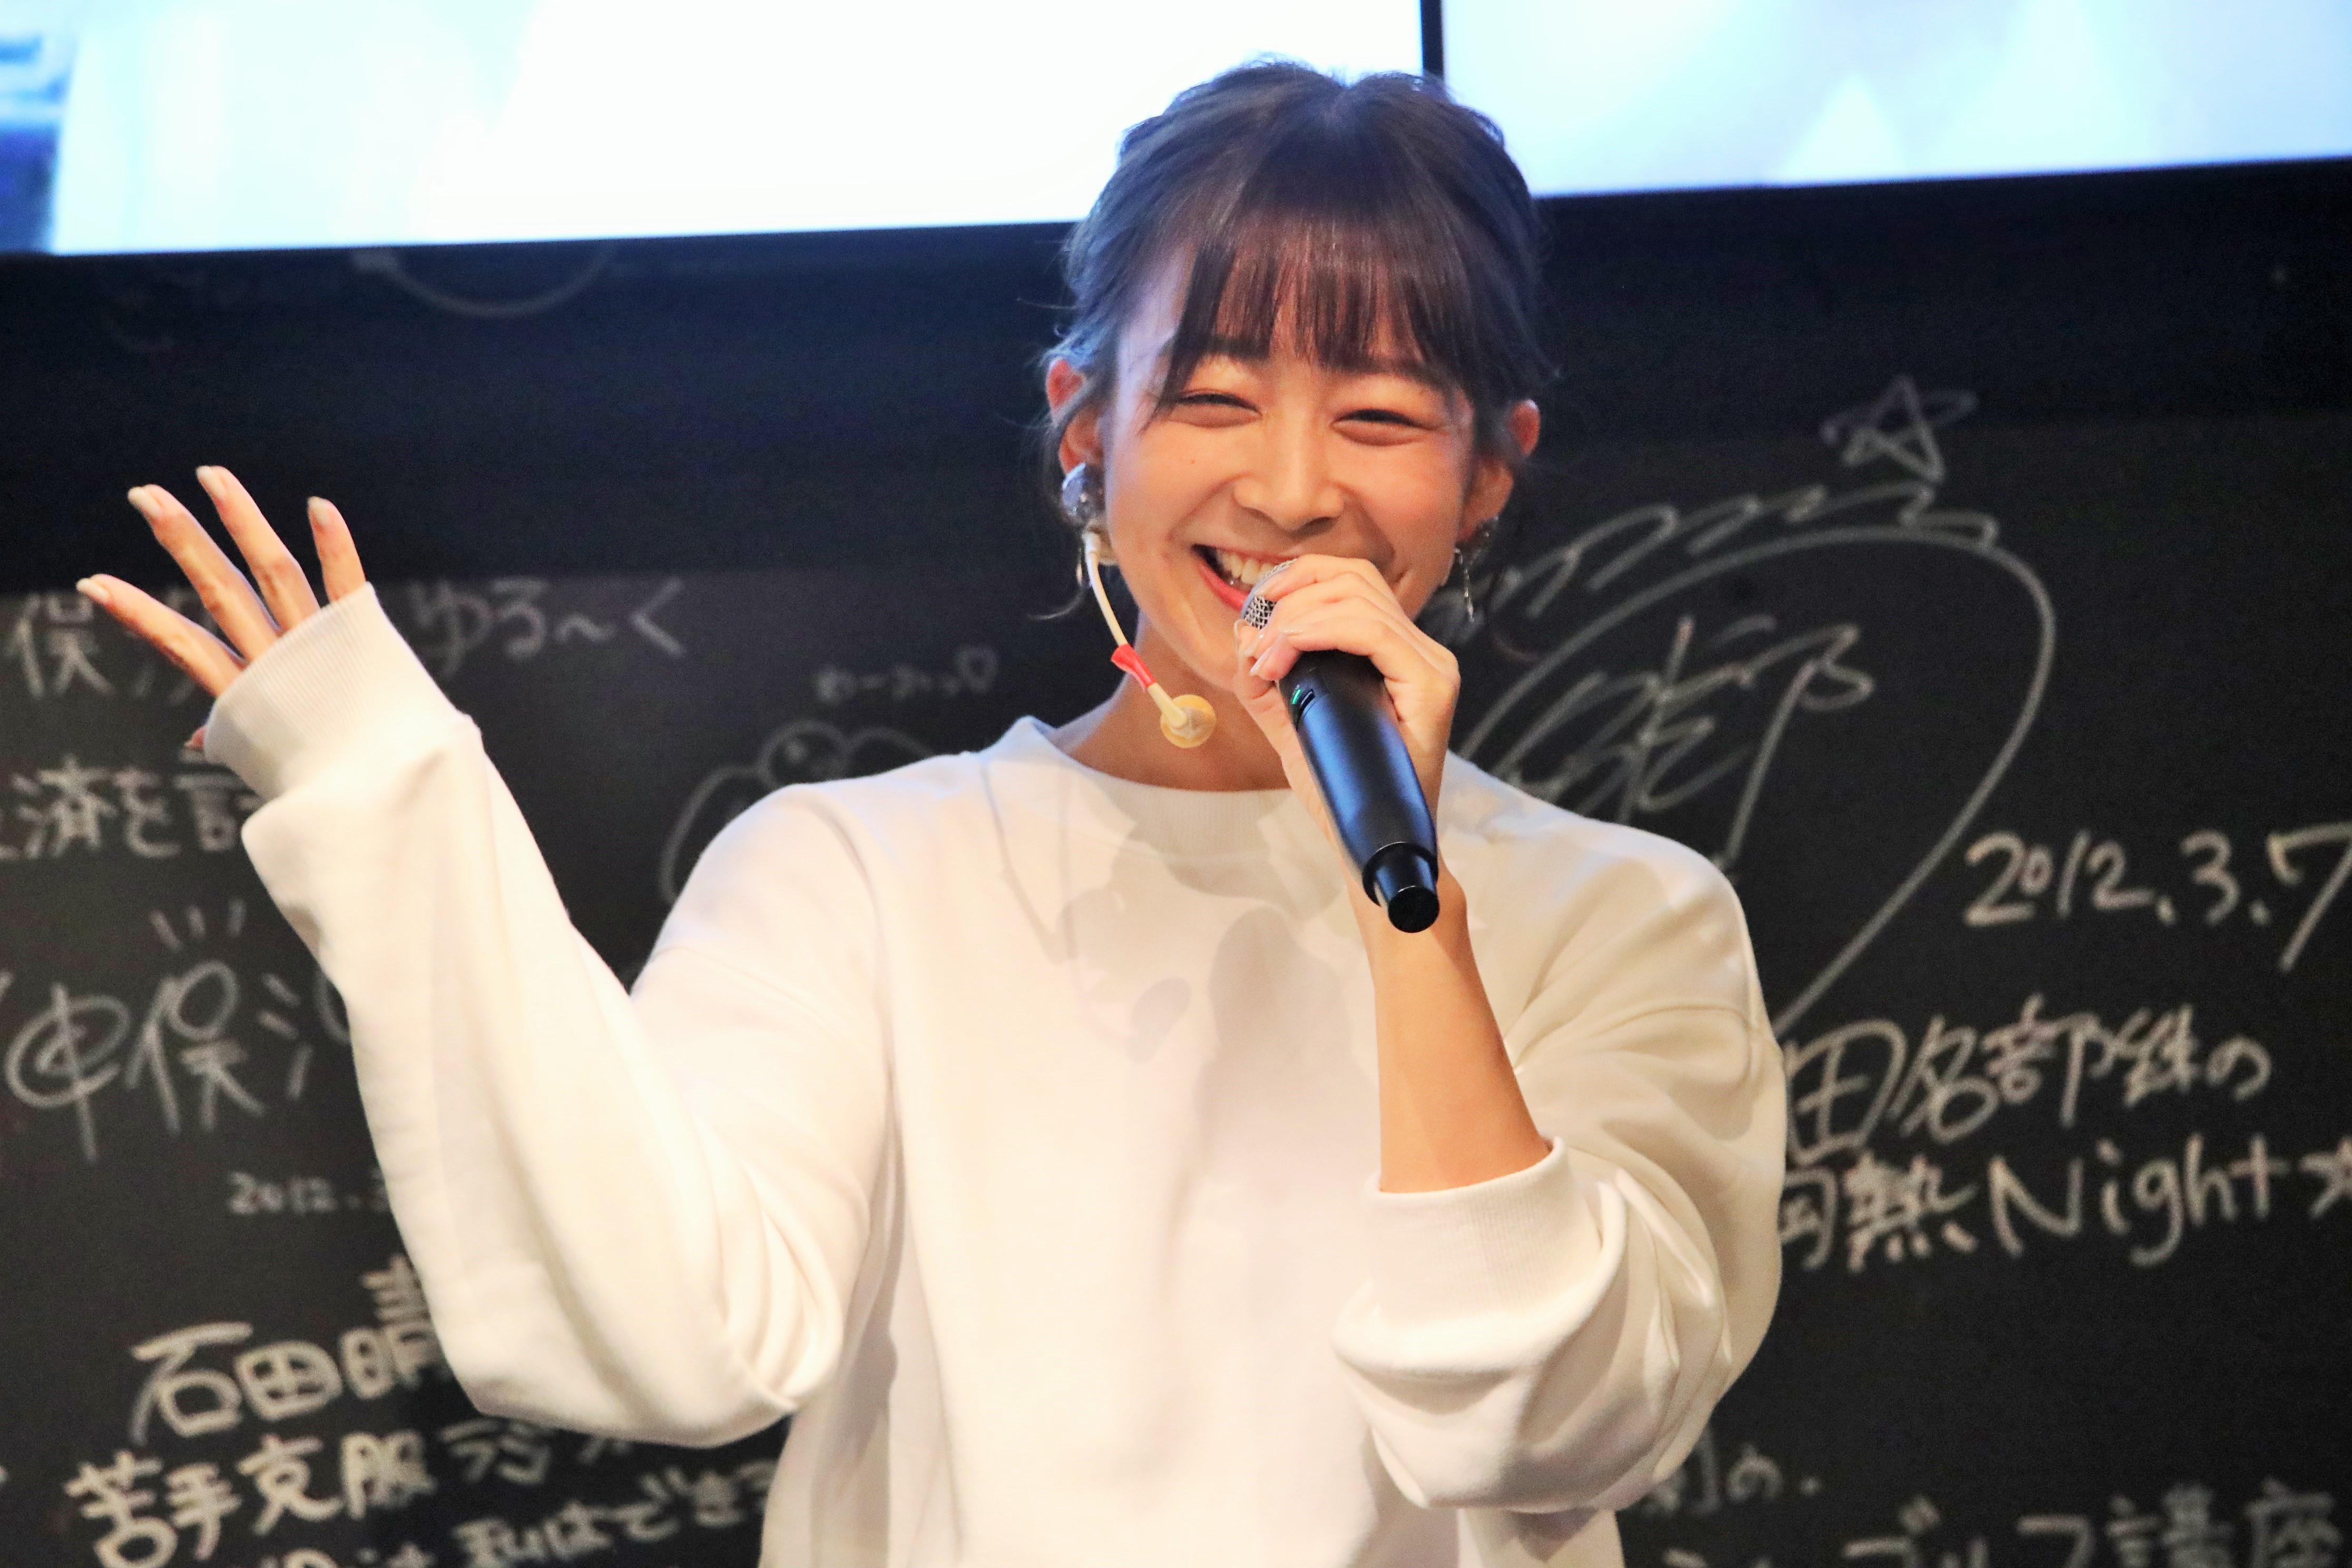 ミニライブで「たなきー」を披露する太田奈緒